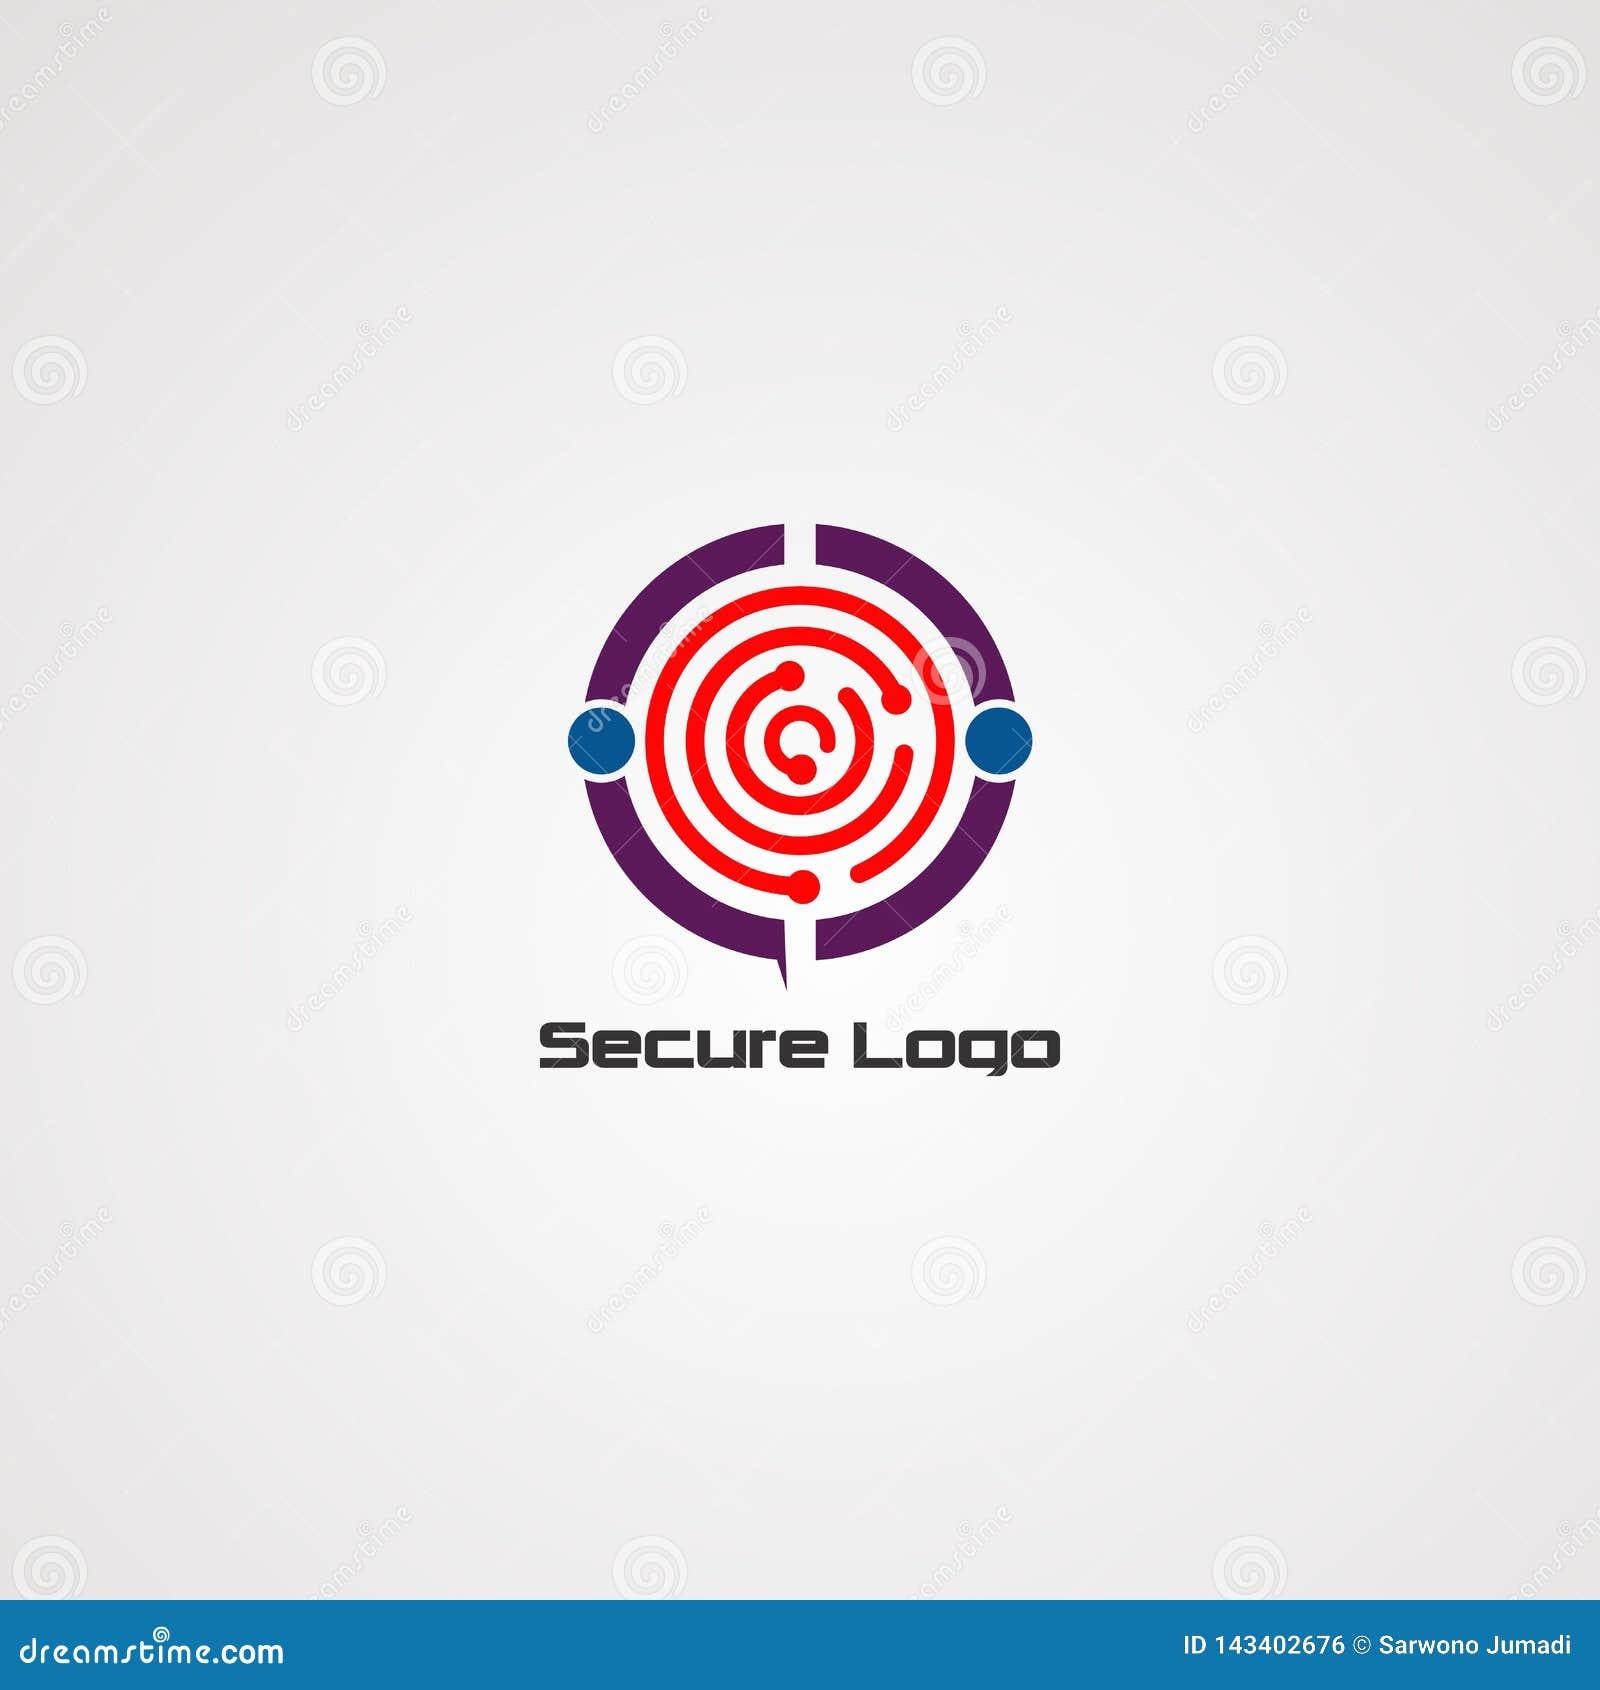 Εξασφαλίστε το διάνυσμα, το εικονίδιο, το στοιχείο, και το πρότυπο λογότυπων για την επιχείρηση